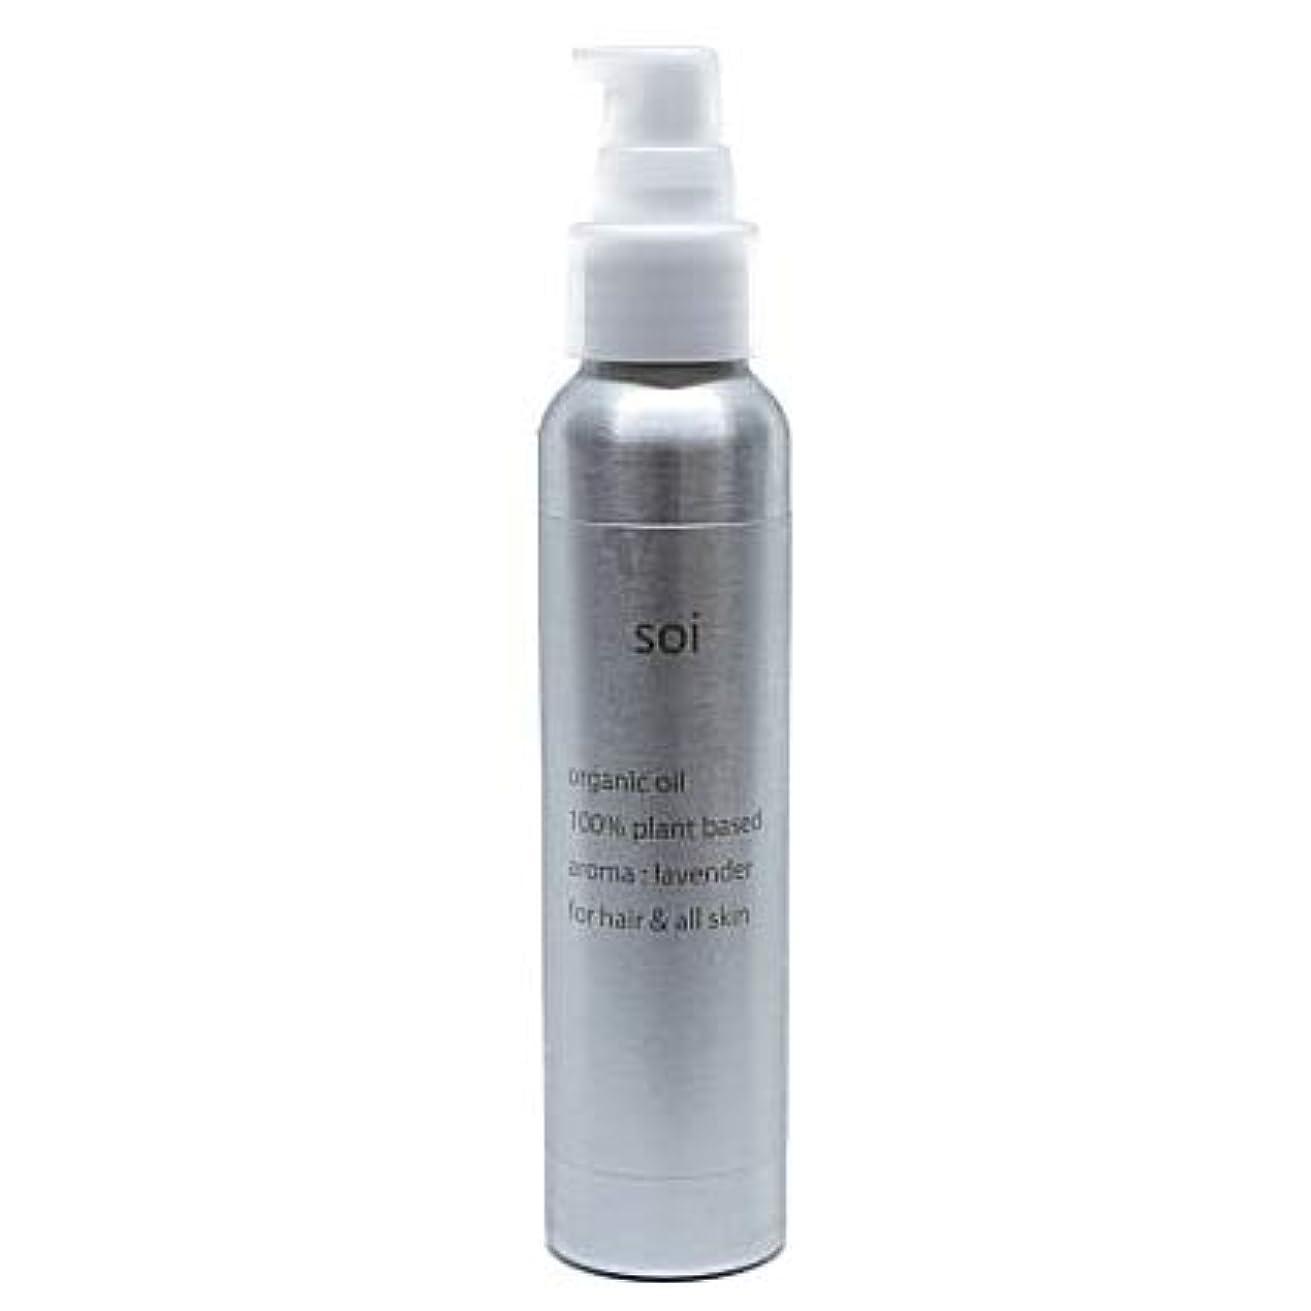 信号花移植soioil/ソイオイル オーガニックオイル【濡れ感×自然な束感】濡れ髪風仕上げにおすすめ